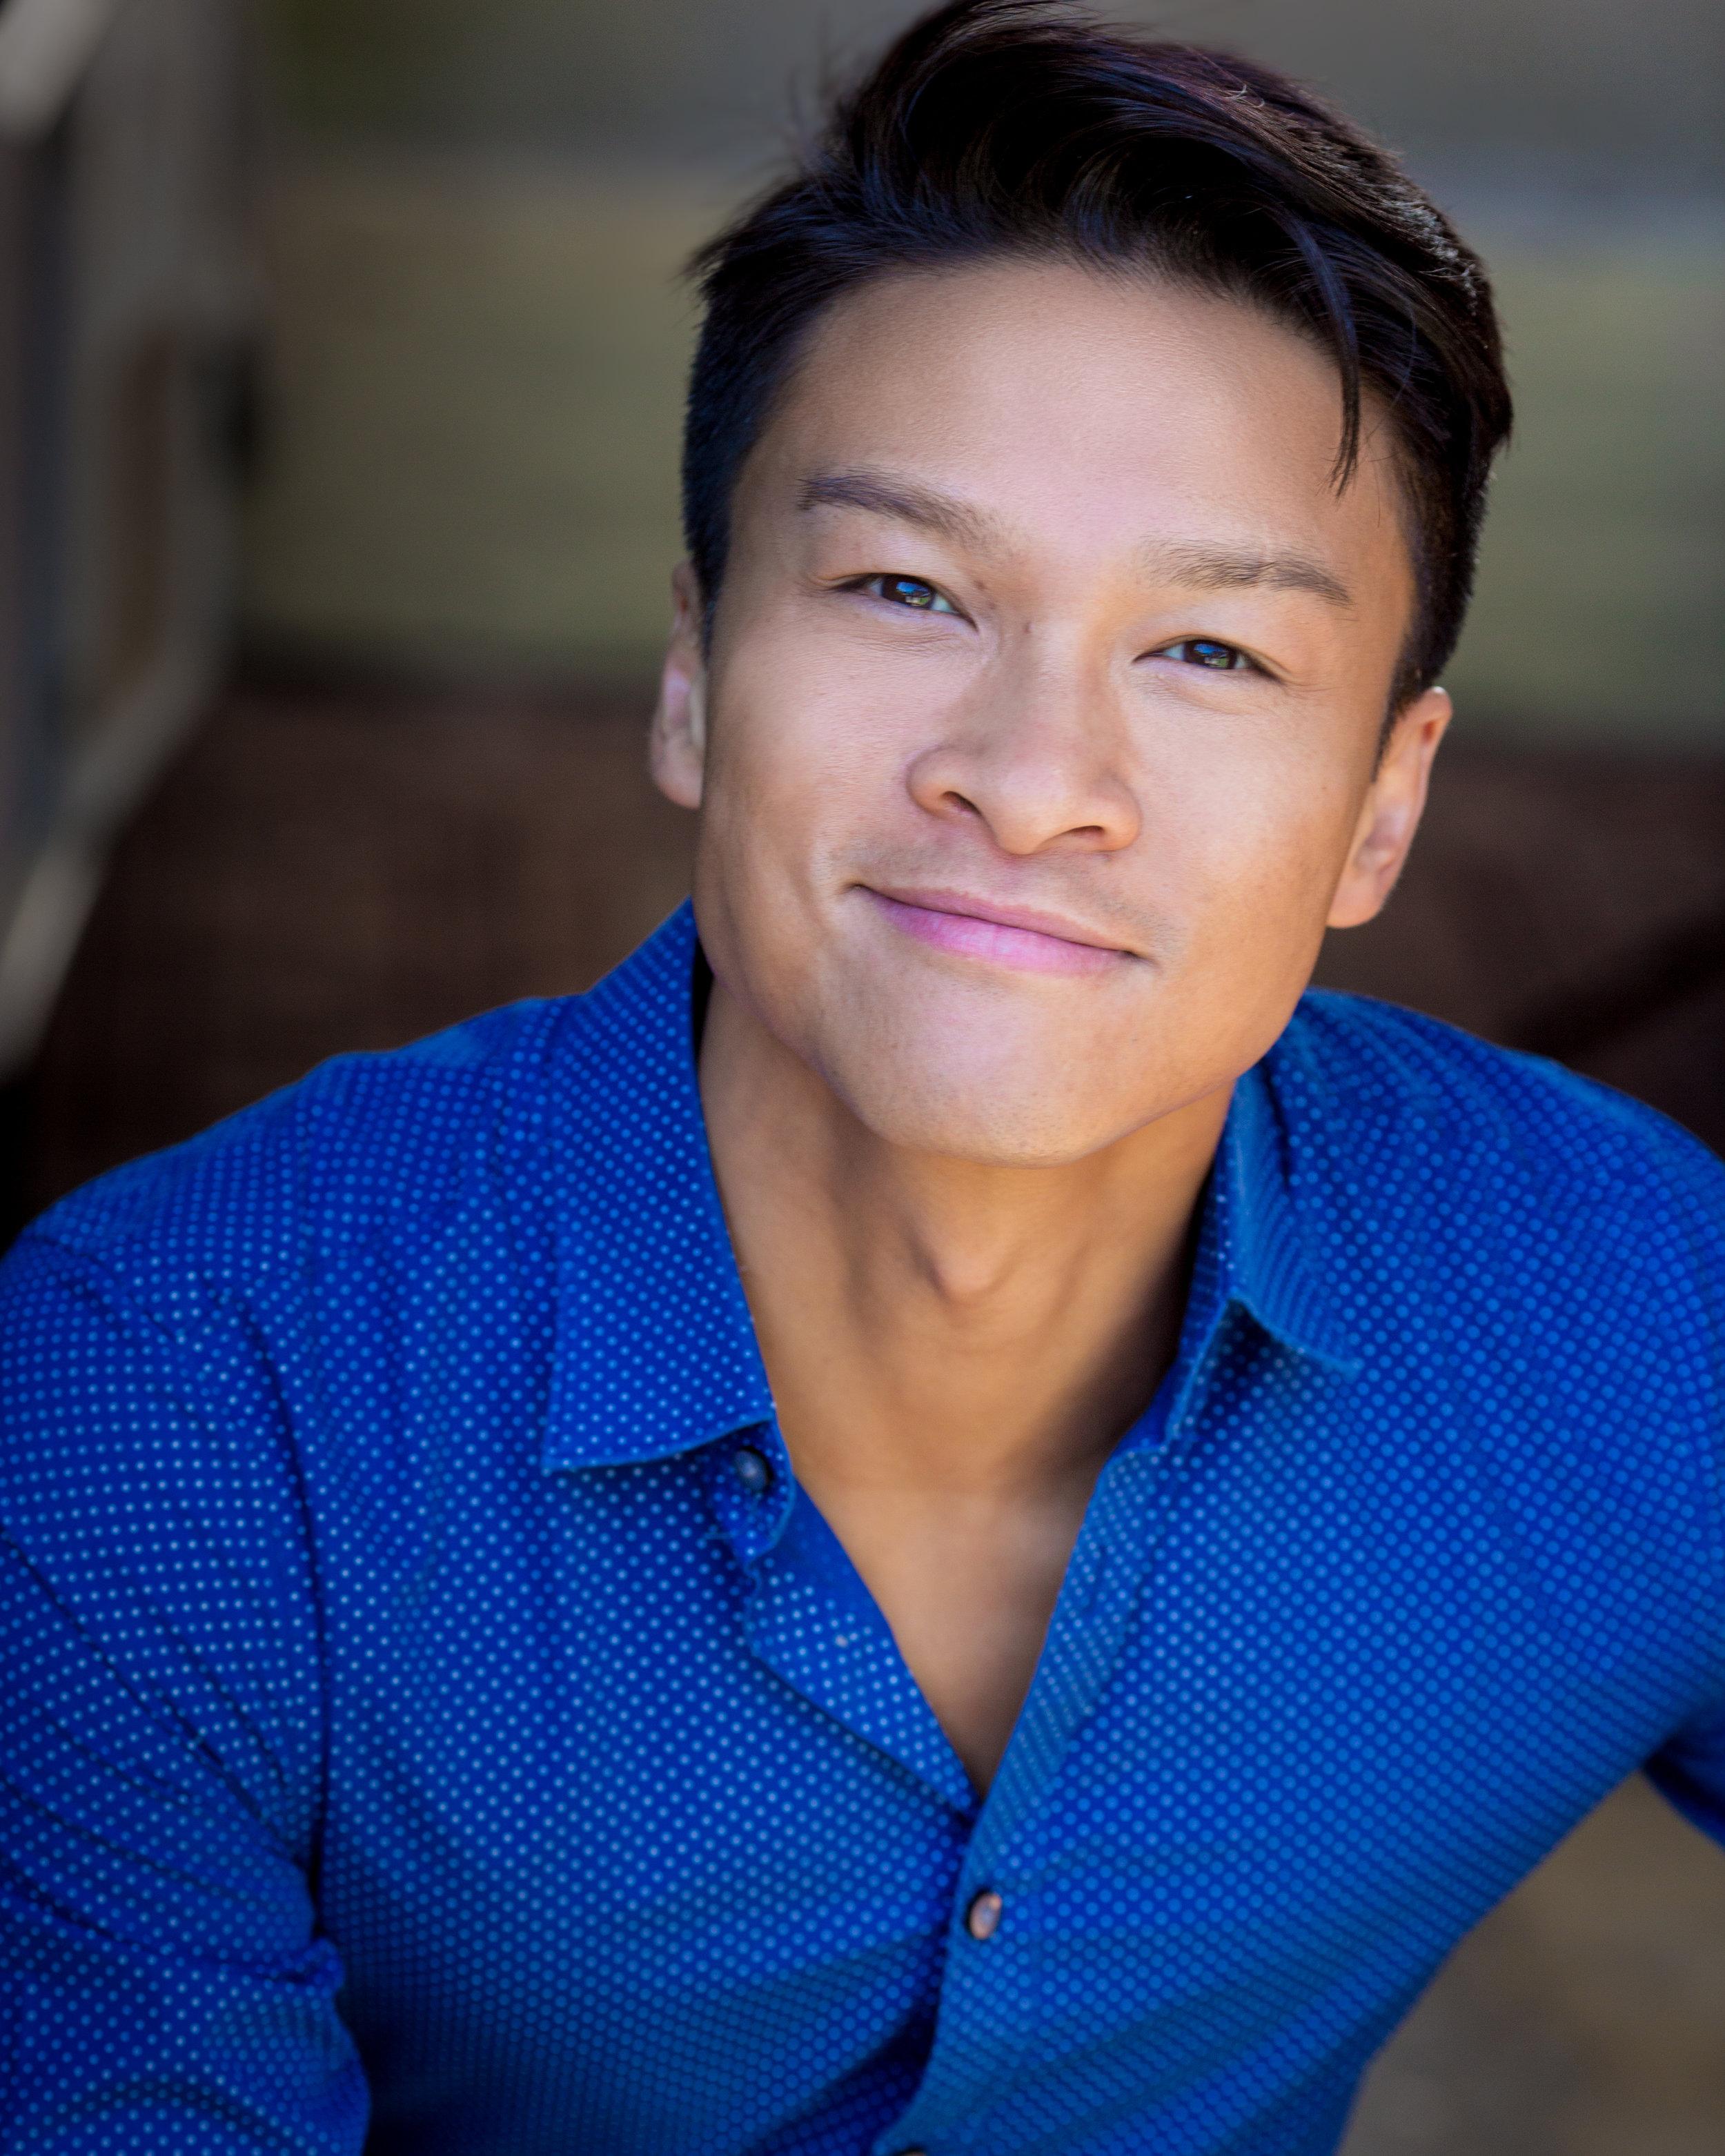 Ethan Le Phong as Sammy Kimura